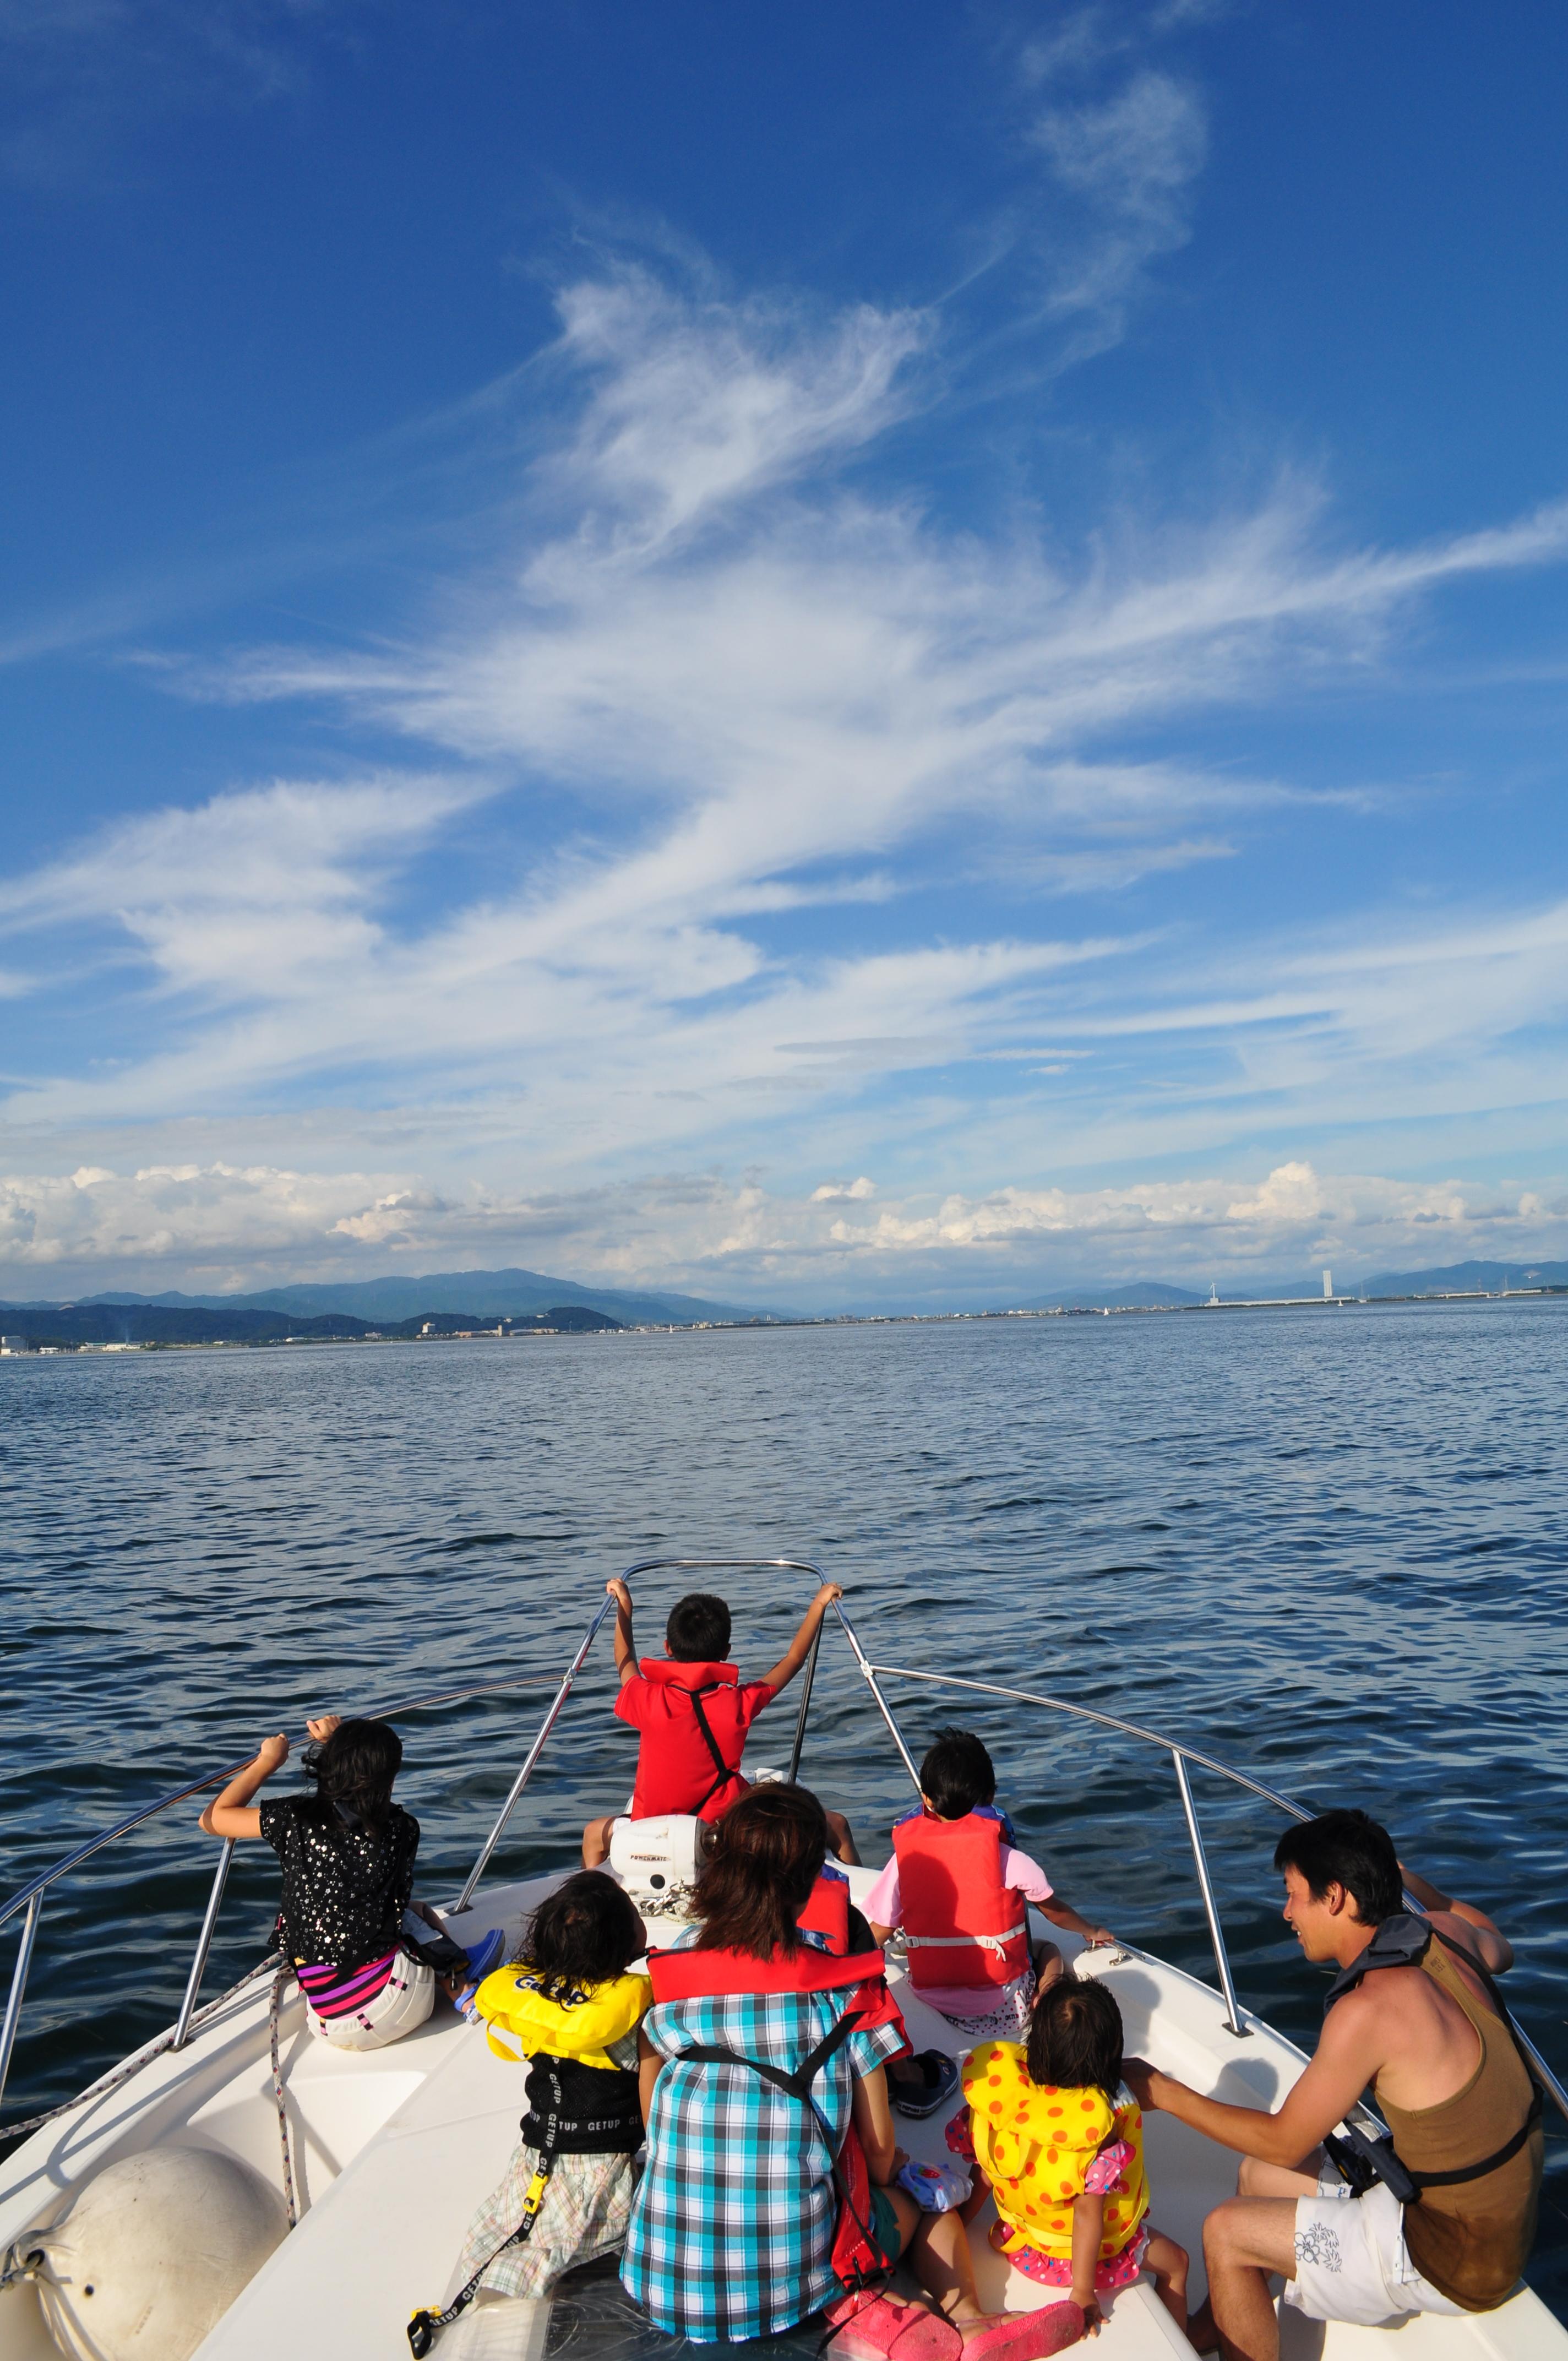 三河みとボート免許教室よりお知らせです!